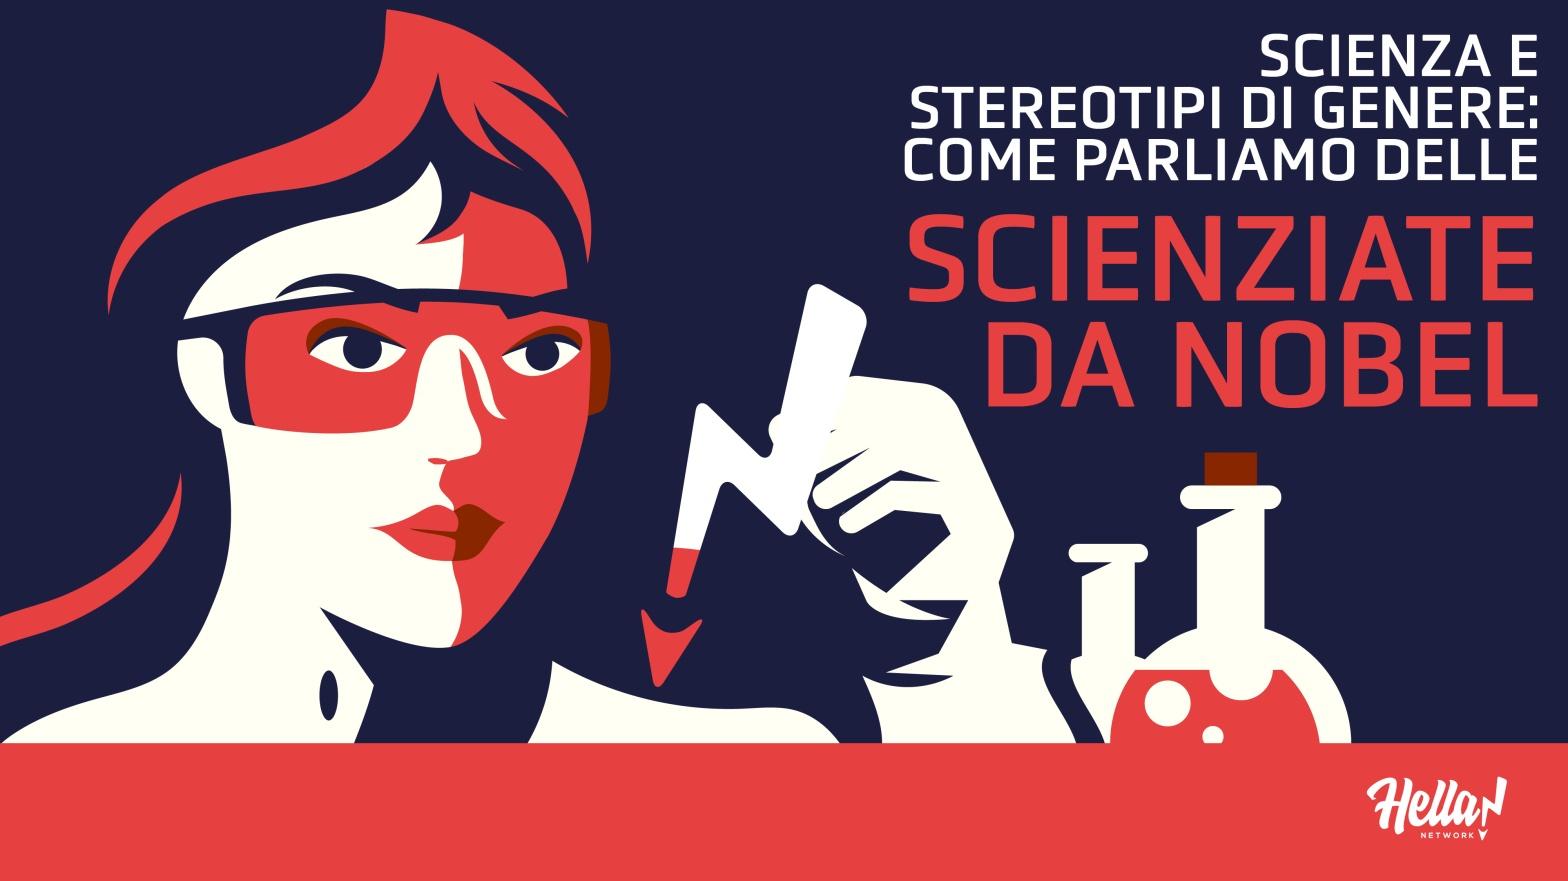 Scienza e stereotipi di genere: come parliamo delle scienziate da nobel.